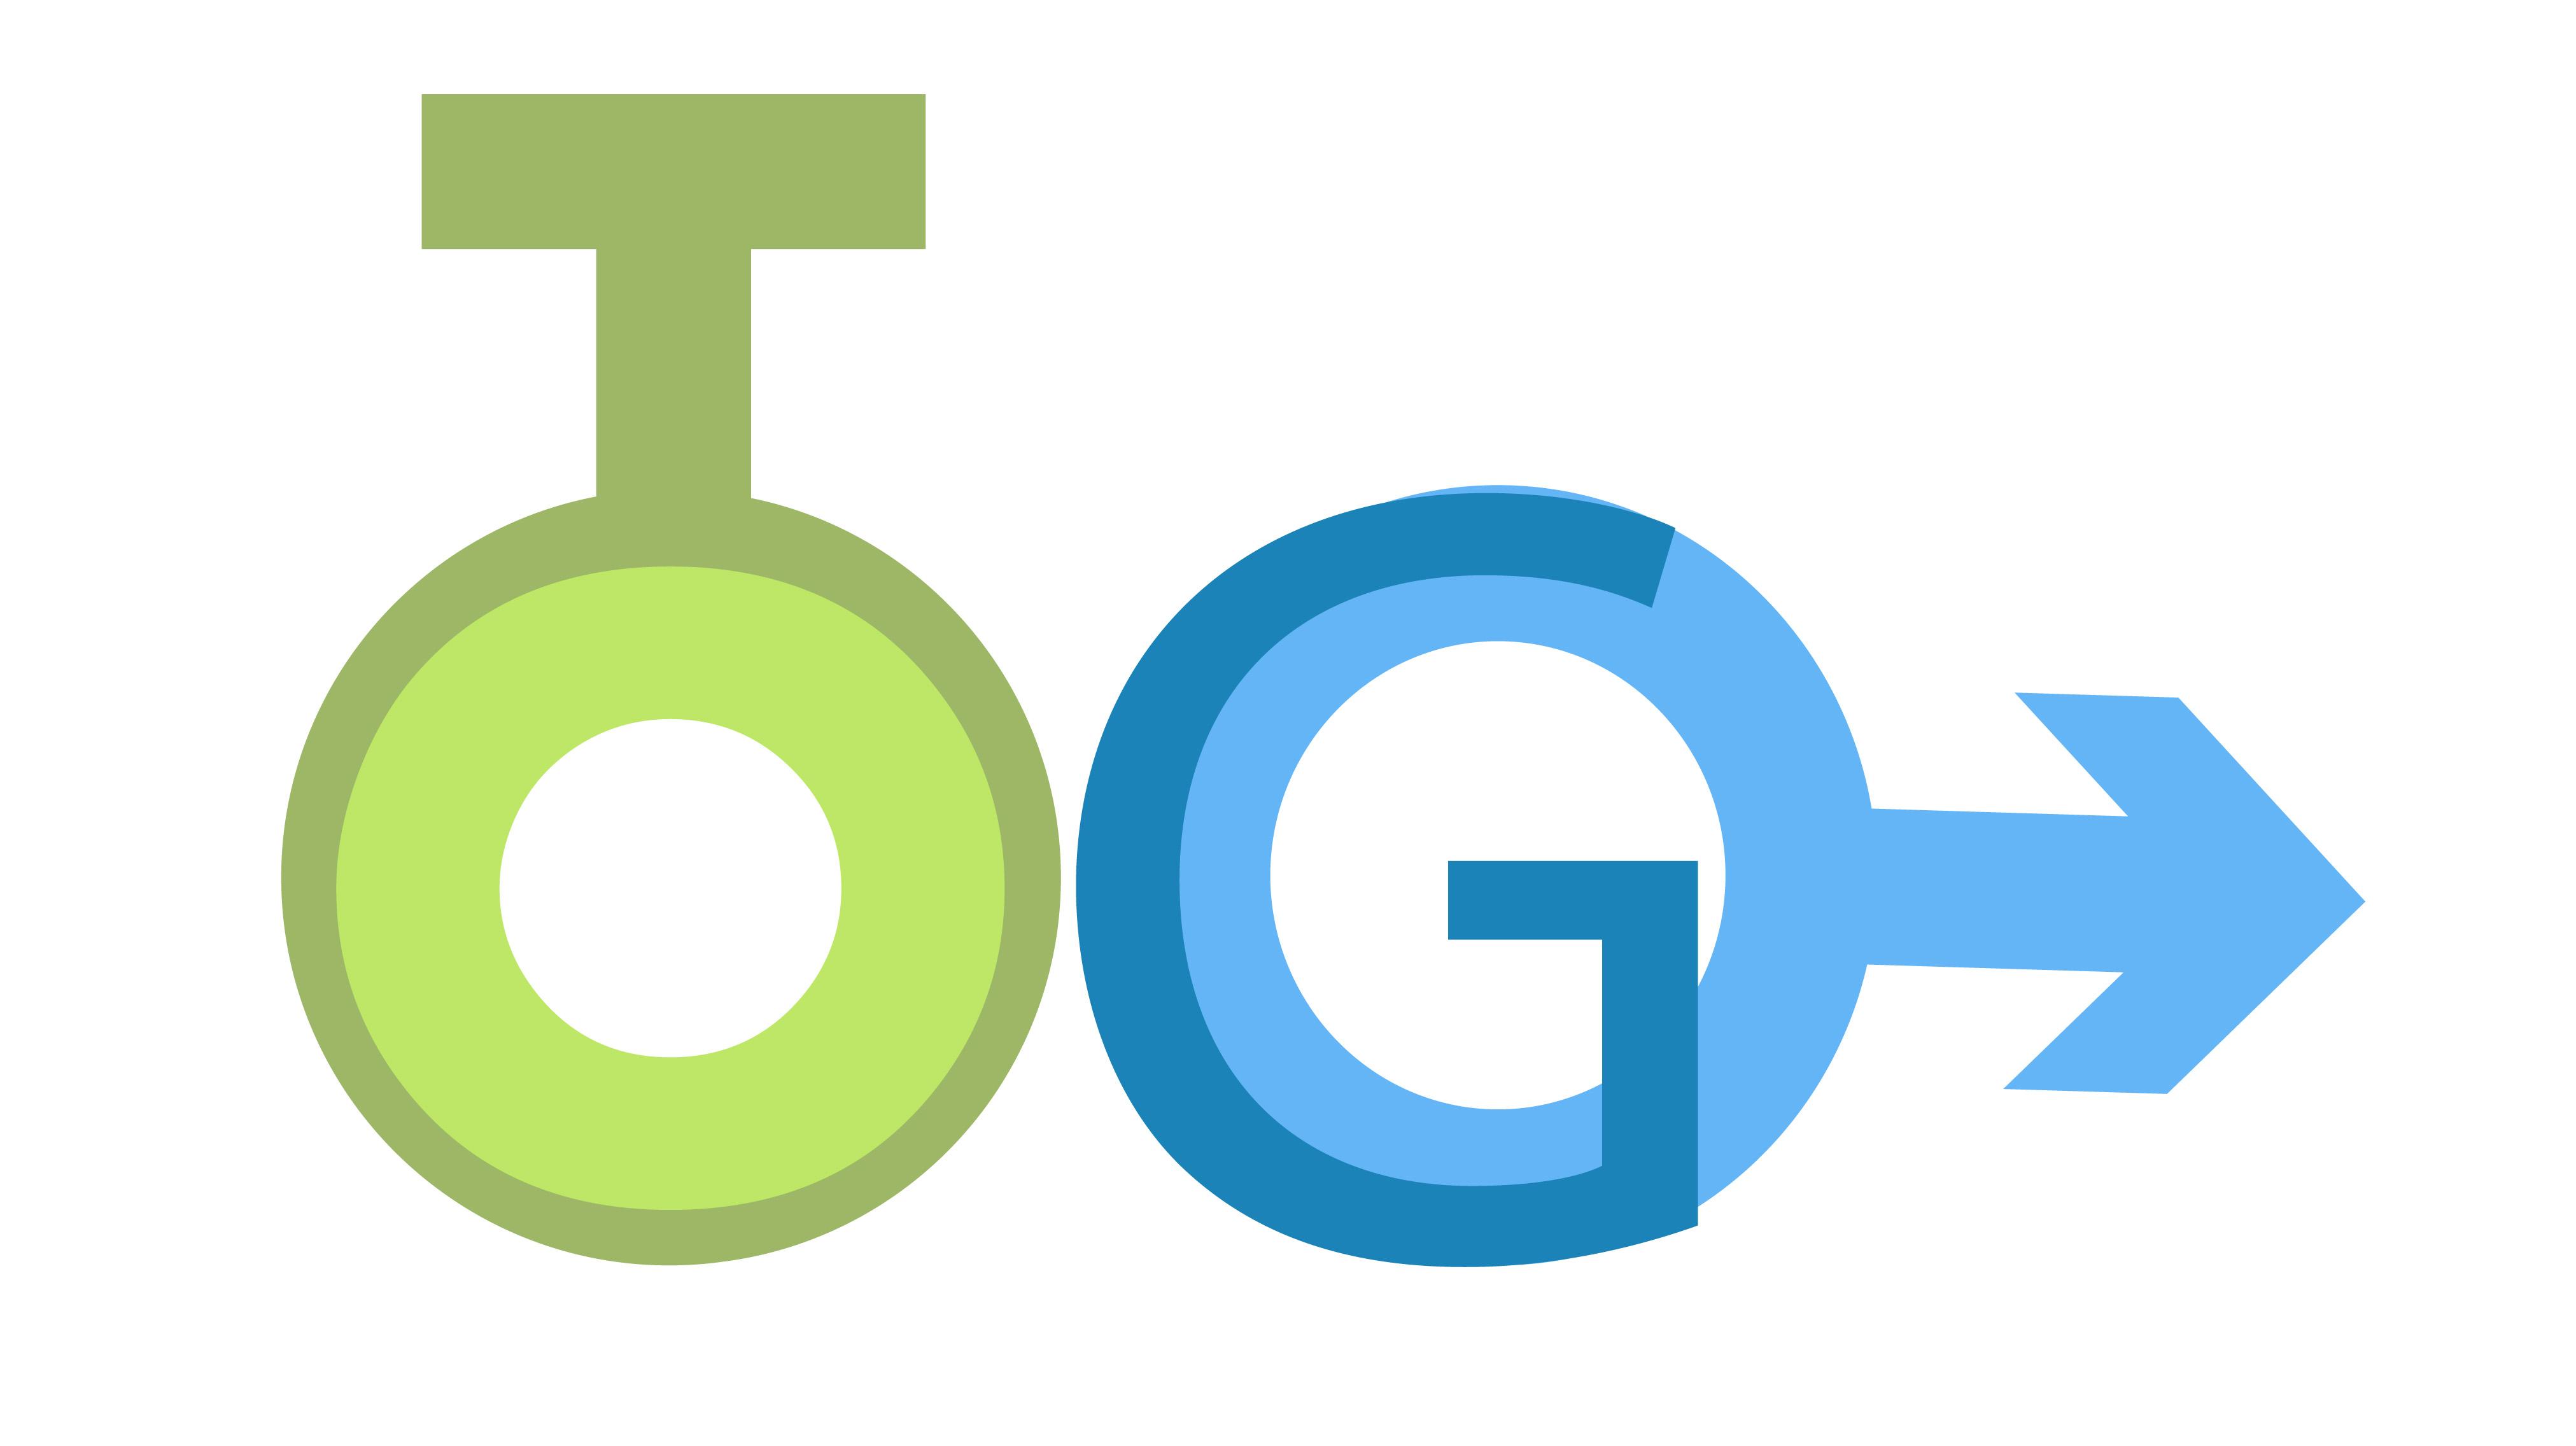 Разработать логотип и экран загрузки приложения фото f_4905a822de054888.jpg